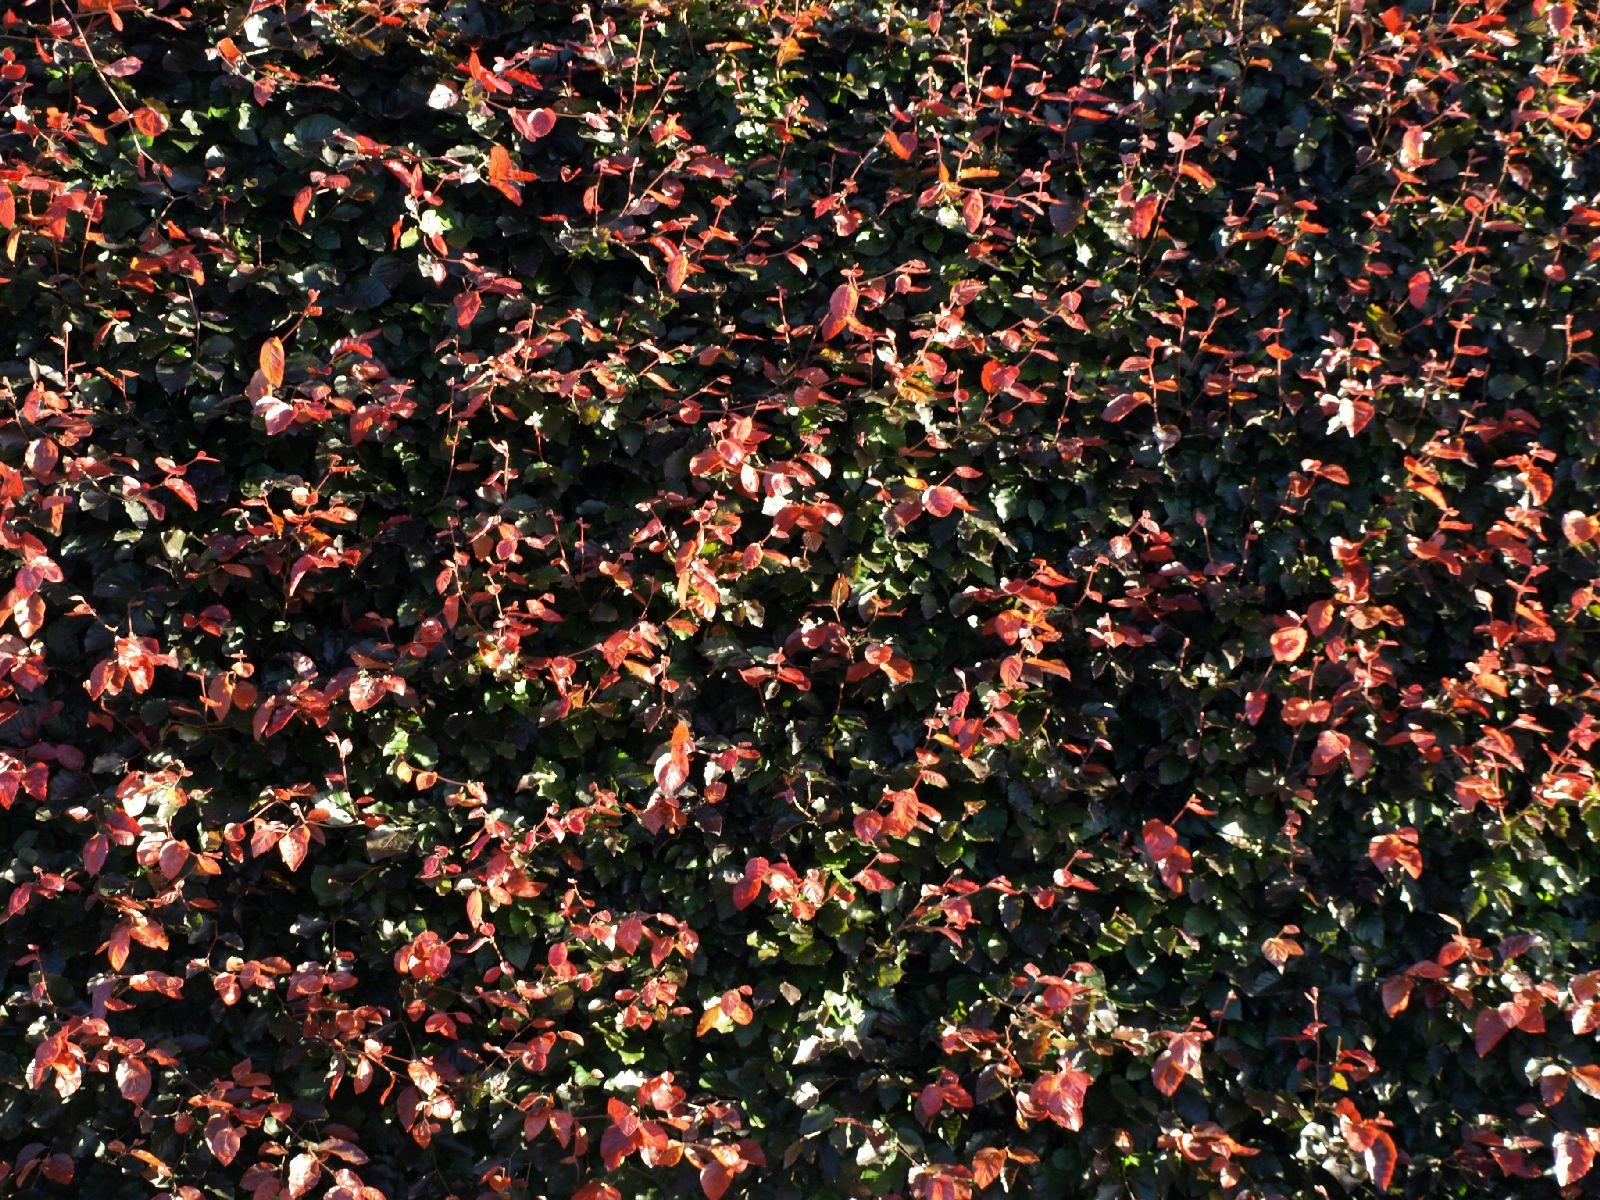 Pflanzen-Hecken-Foto_Textur_B_P6233712